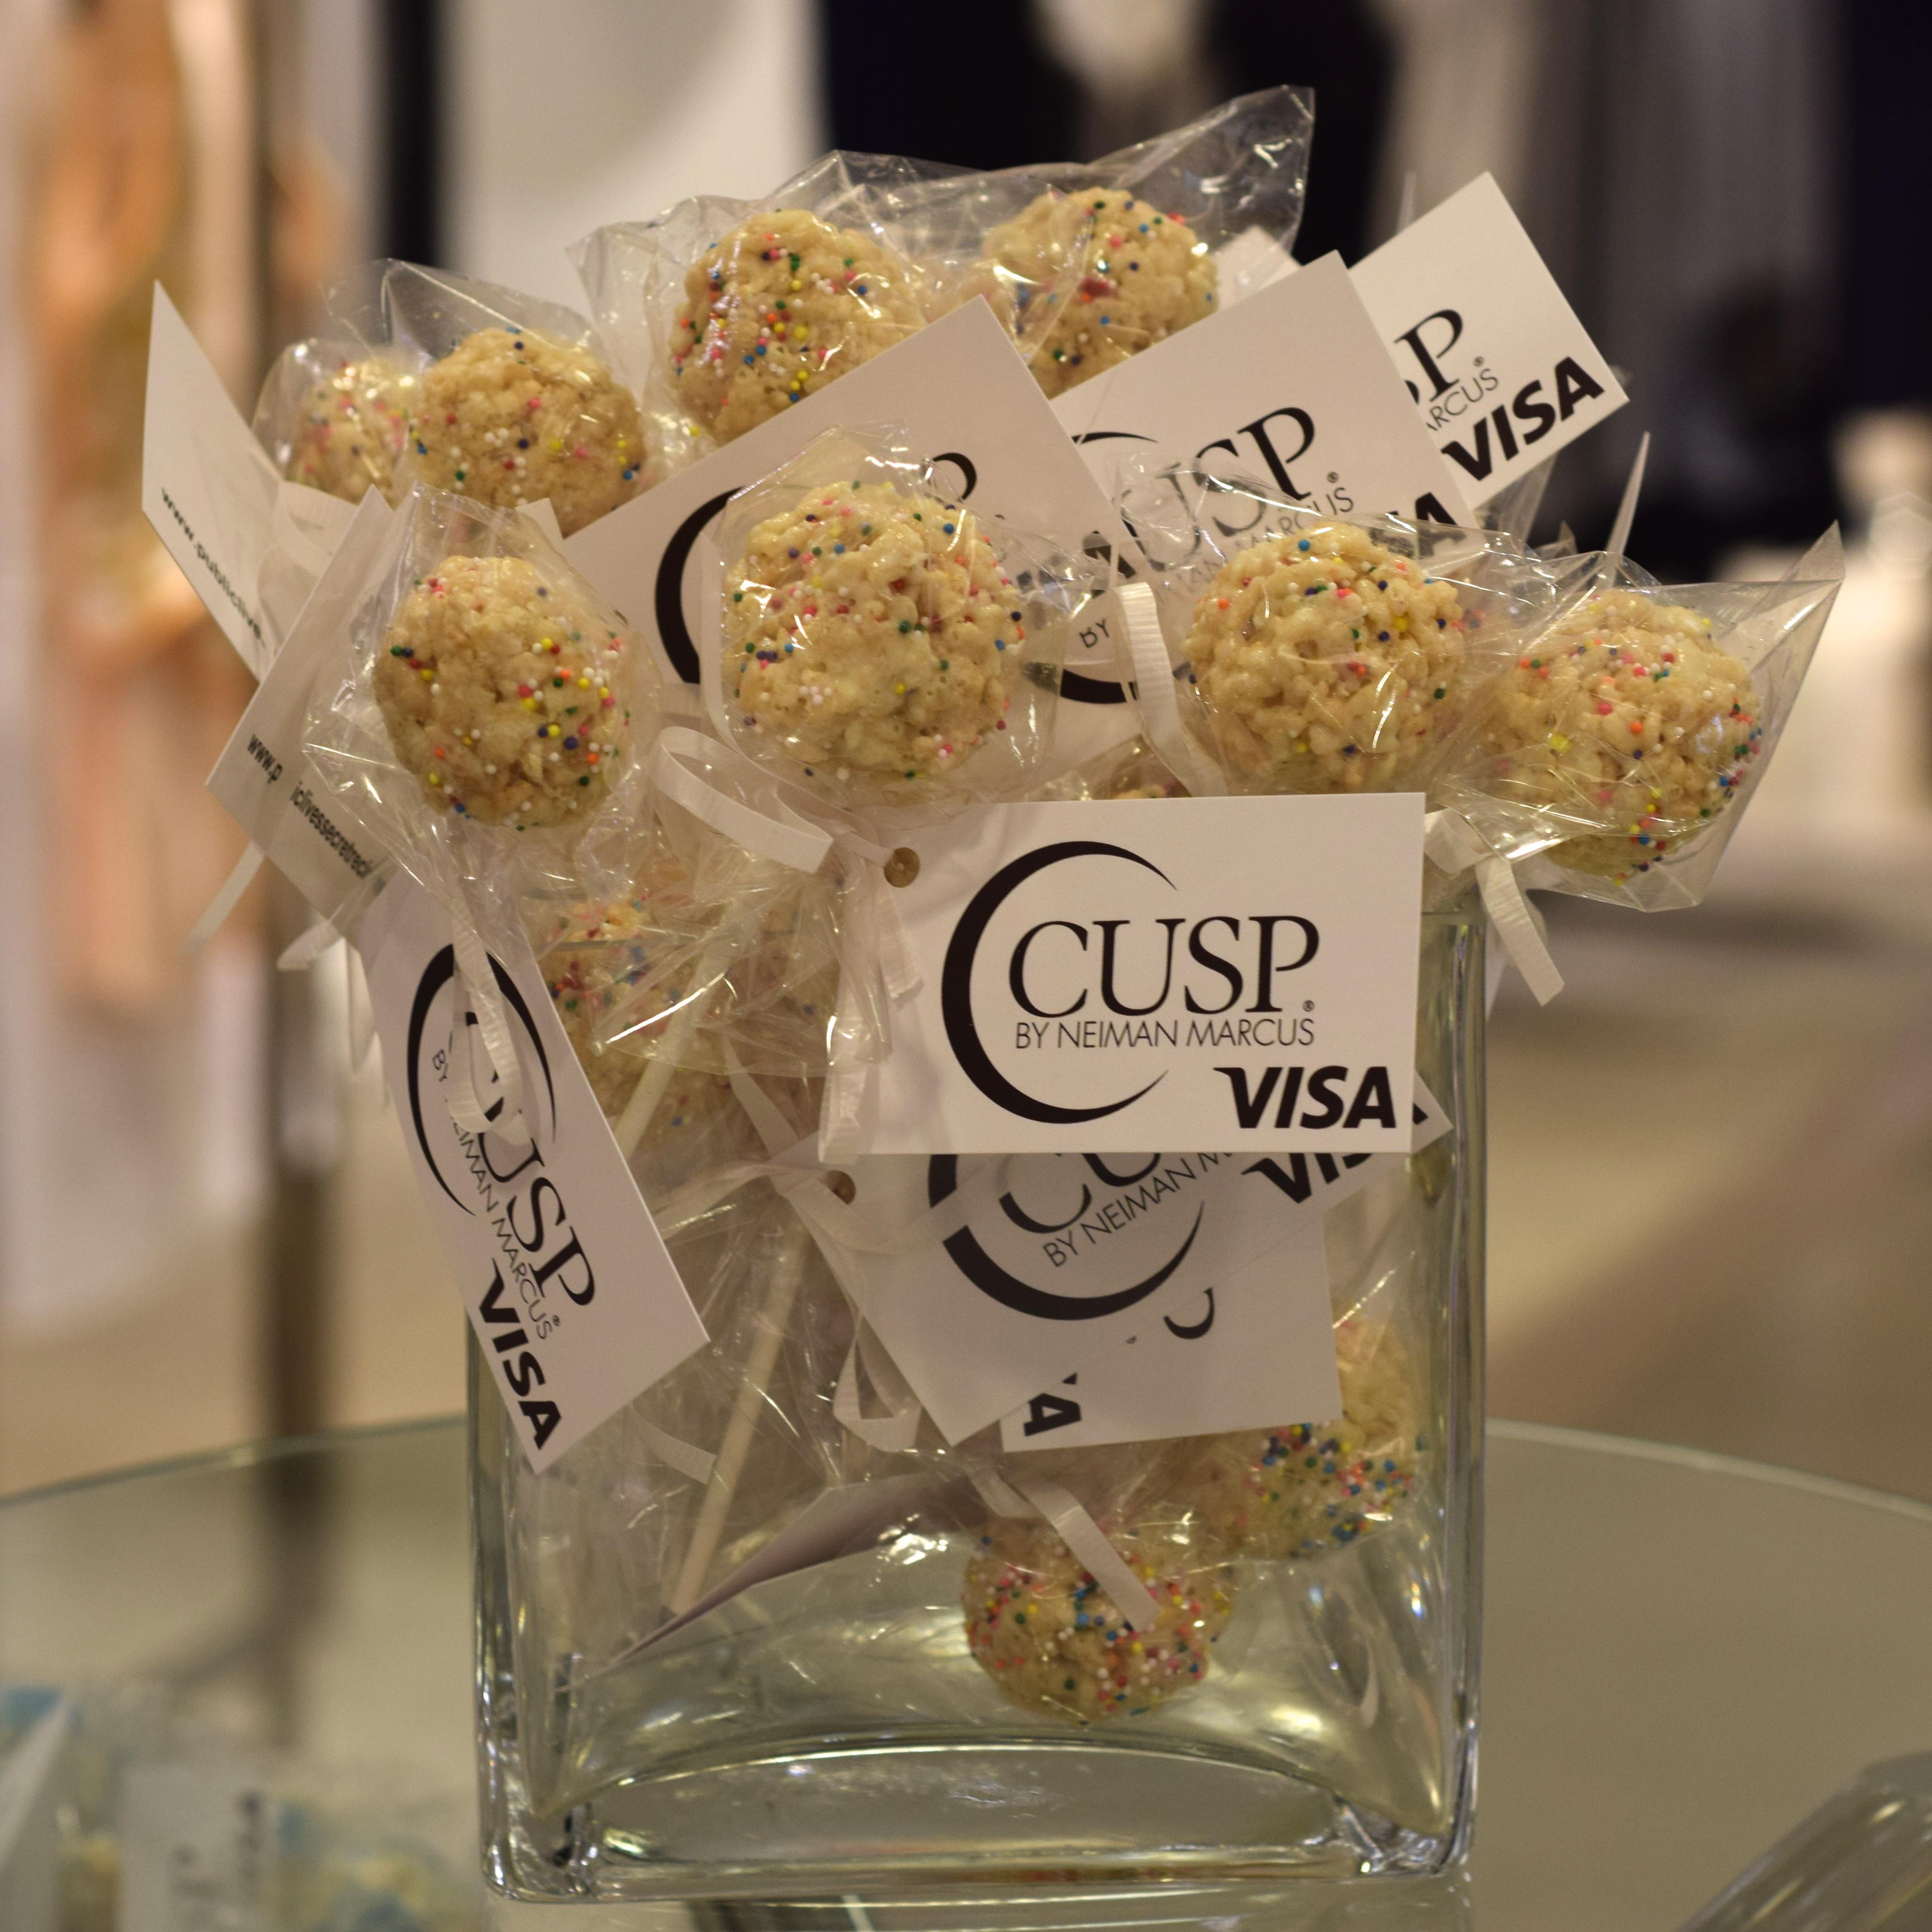 Krispops x CUSP by Neiman Marcus